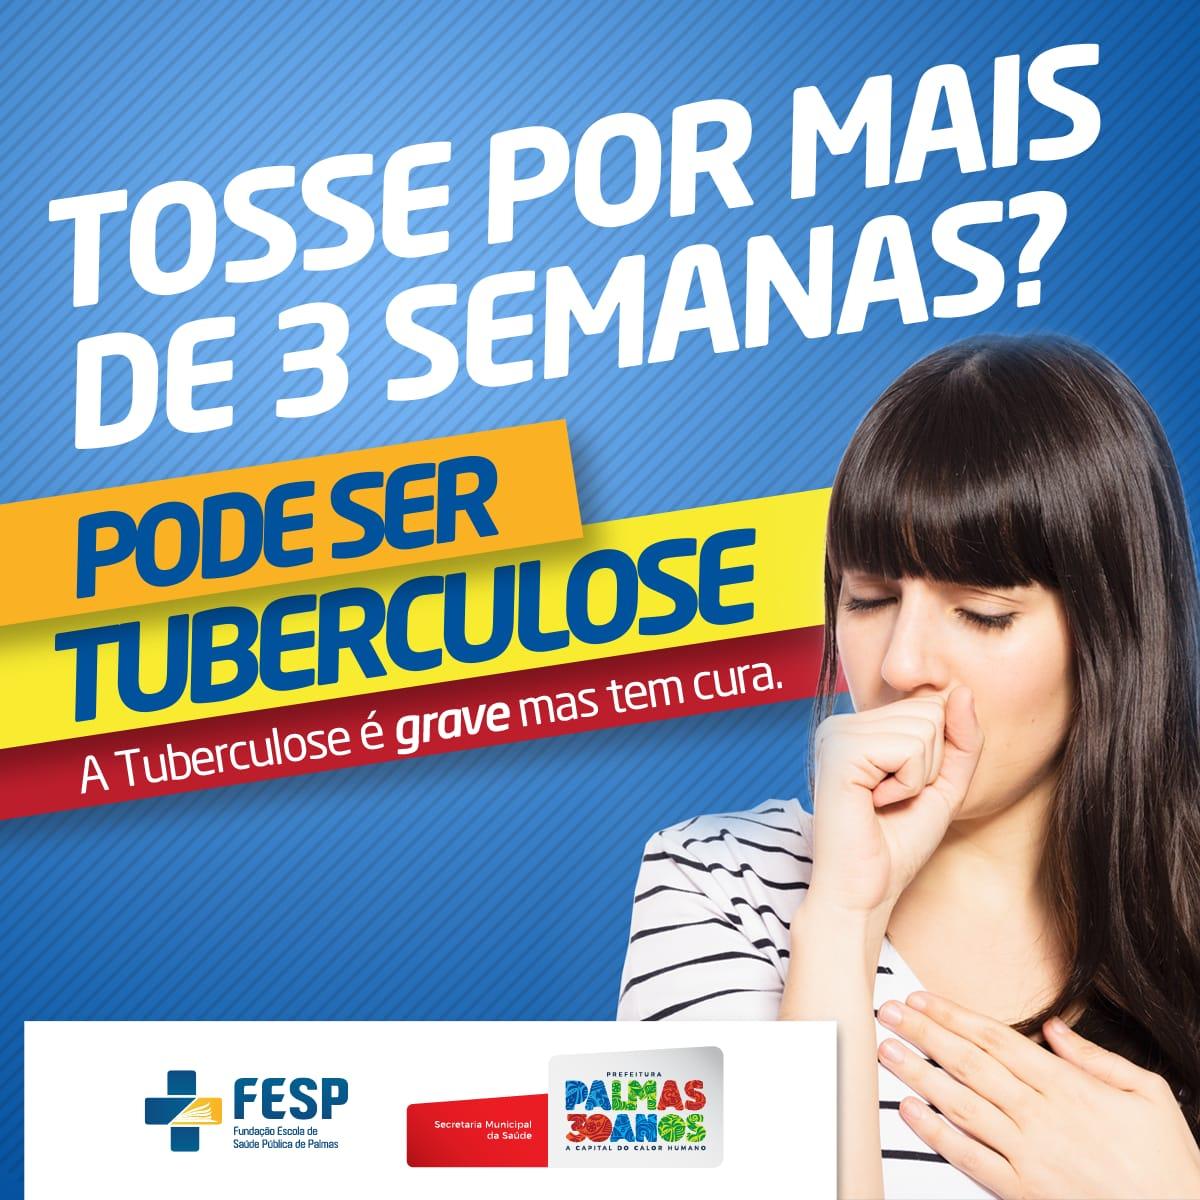 Semus Palmas alerta para os sintomas da tuberculose e reforça tratamento gratuito na rede municipal